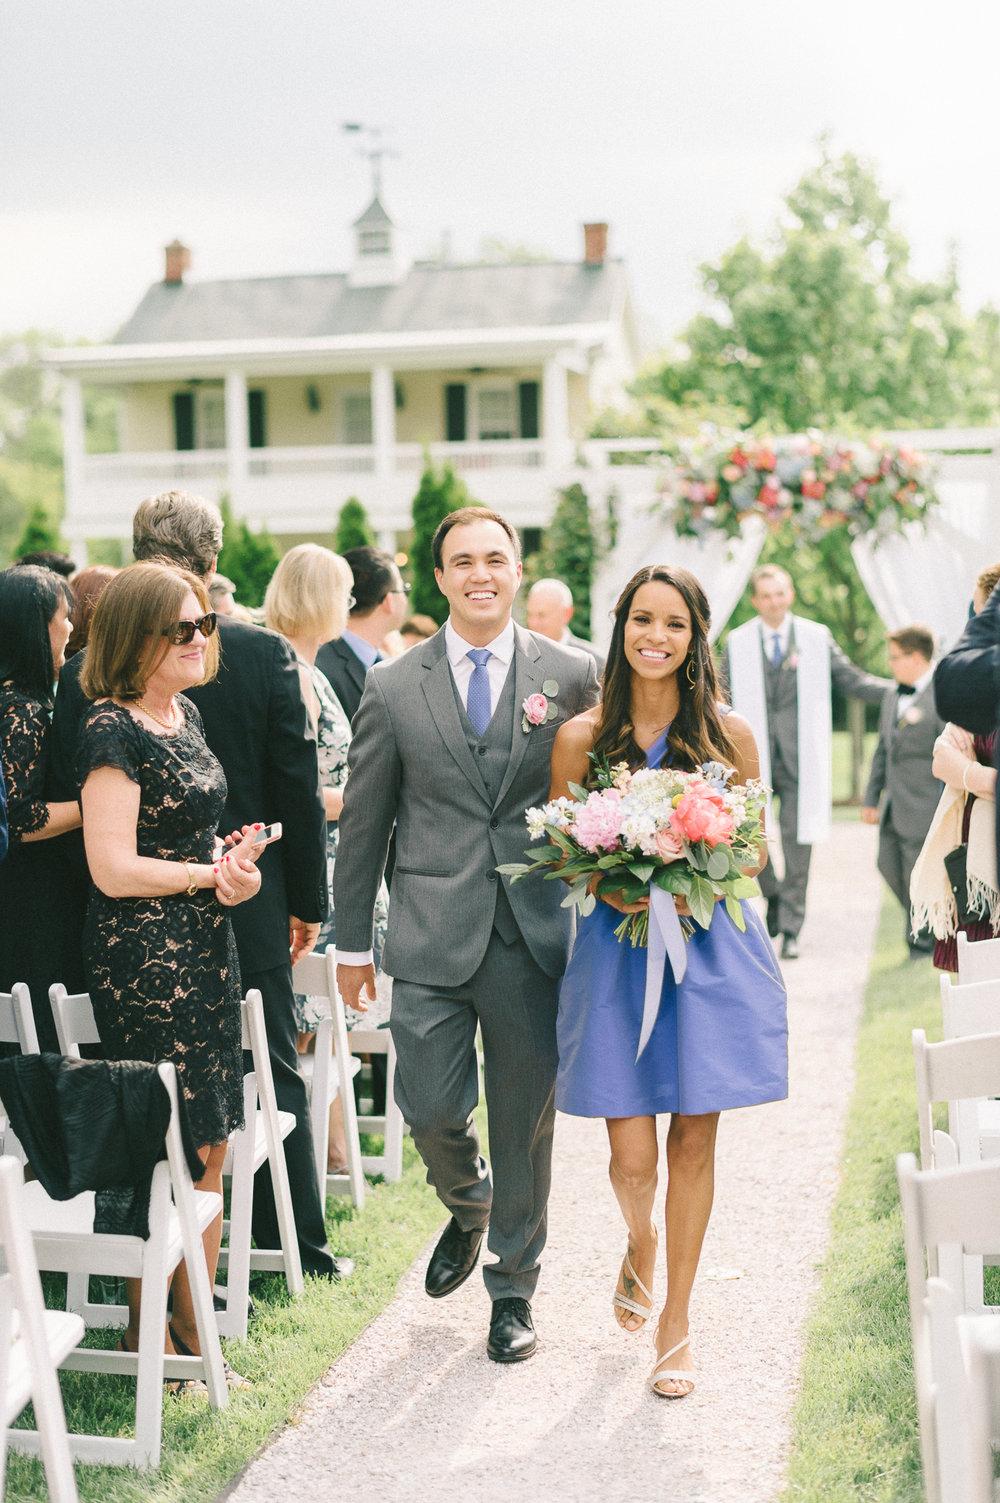 Elizabeth-Fogarty-Wedding-Photography-155.jpg